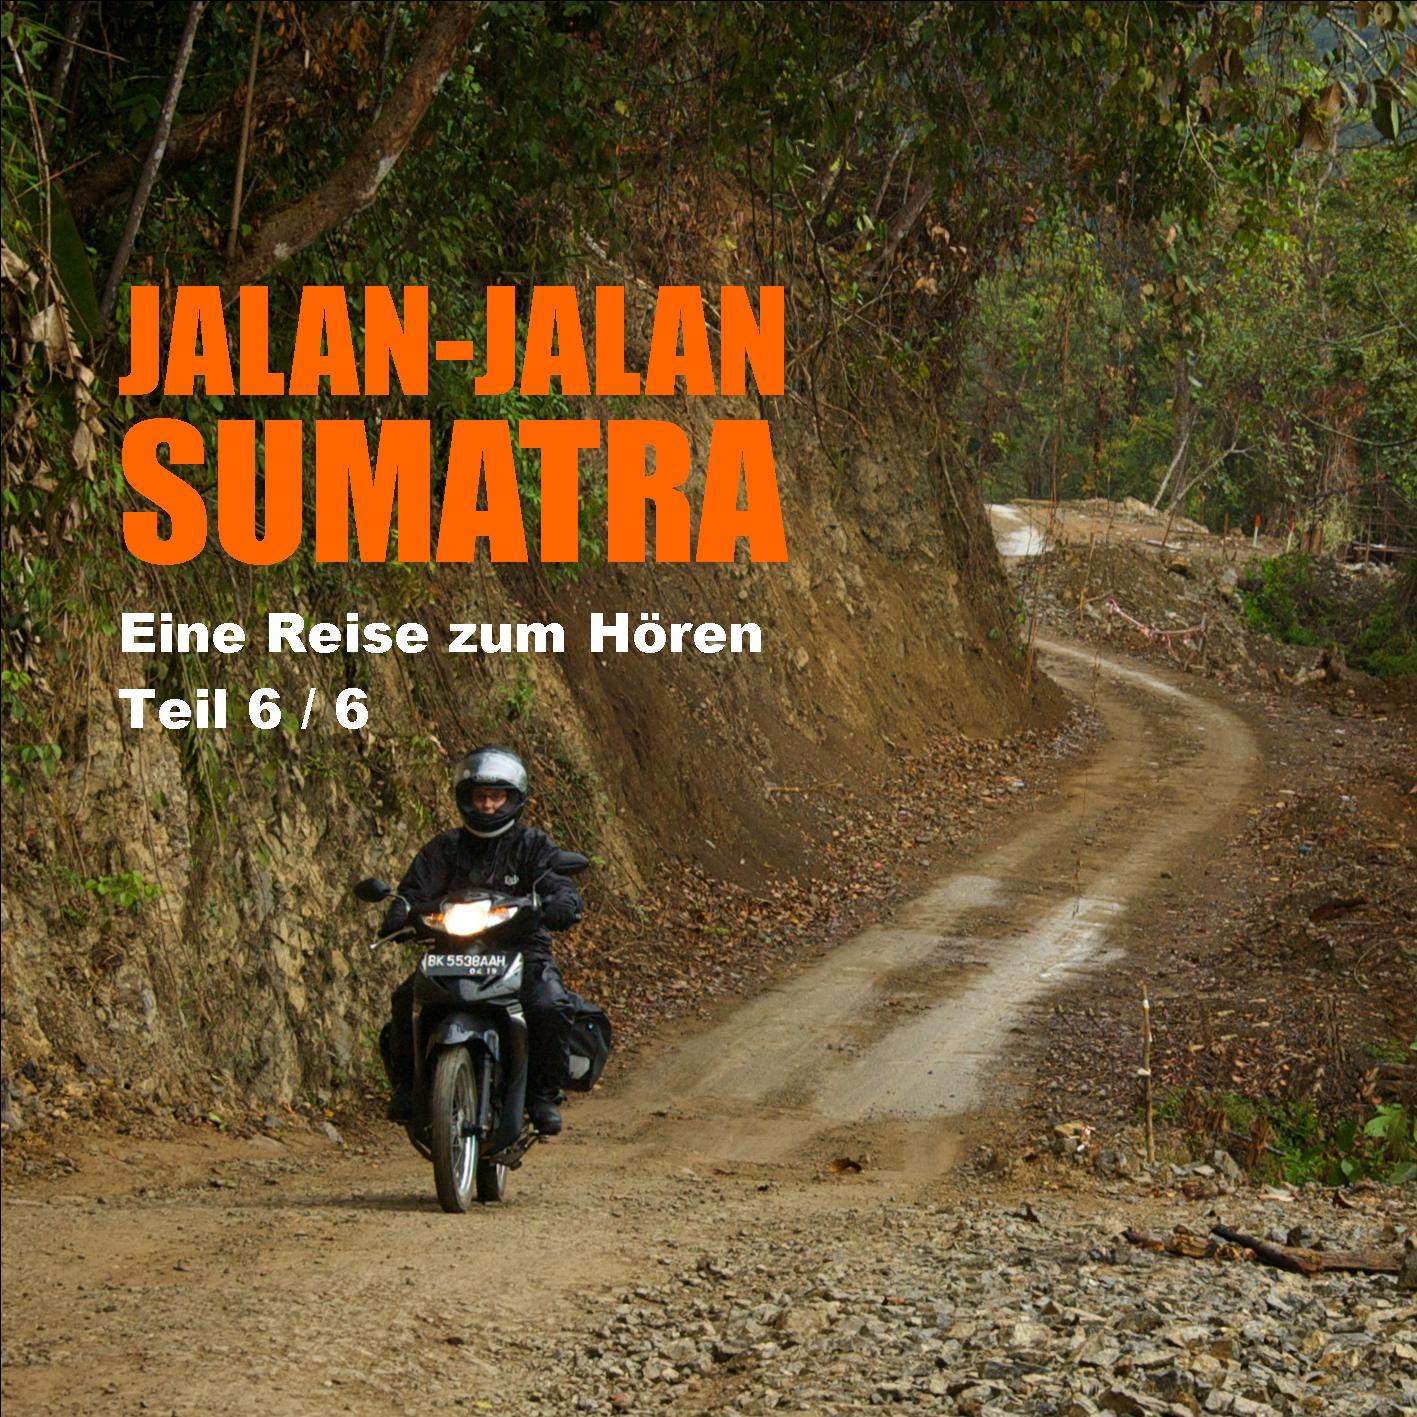 Jalan-jalan Sumatra Teil6